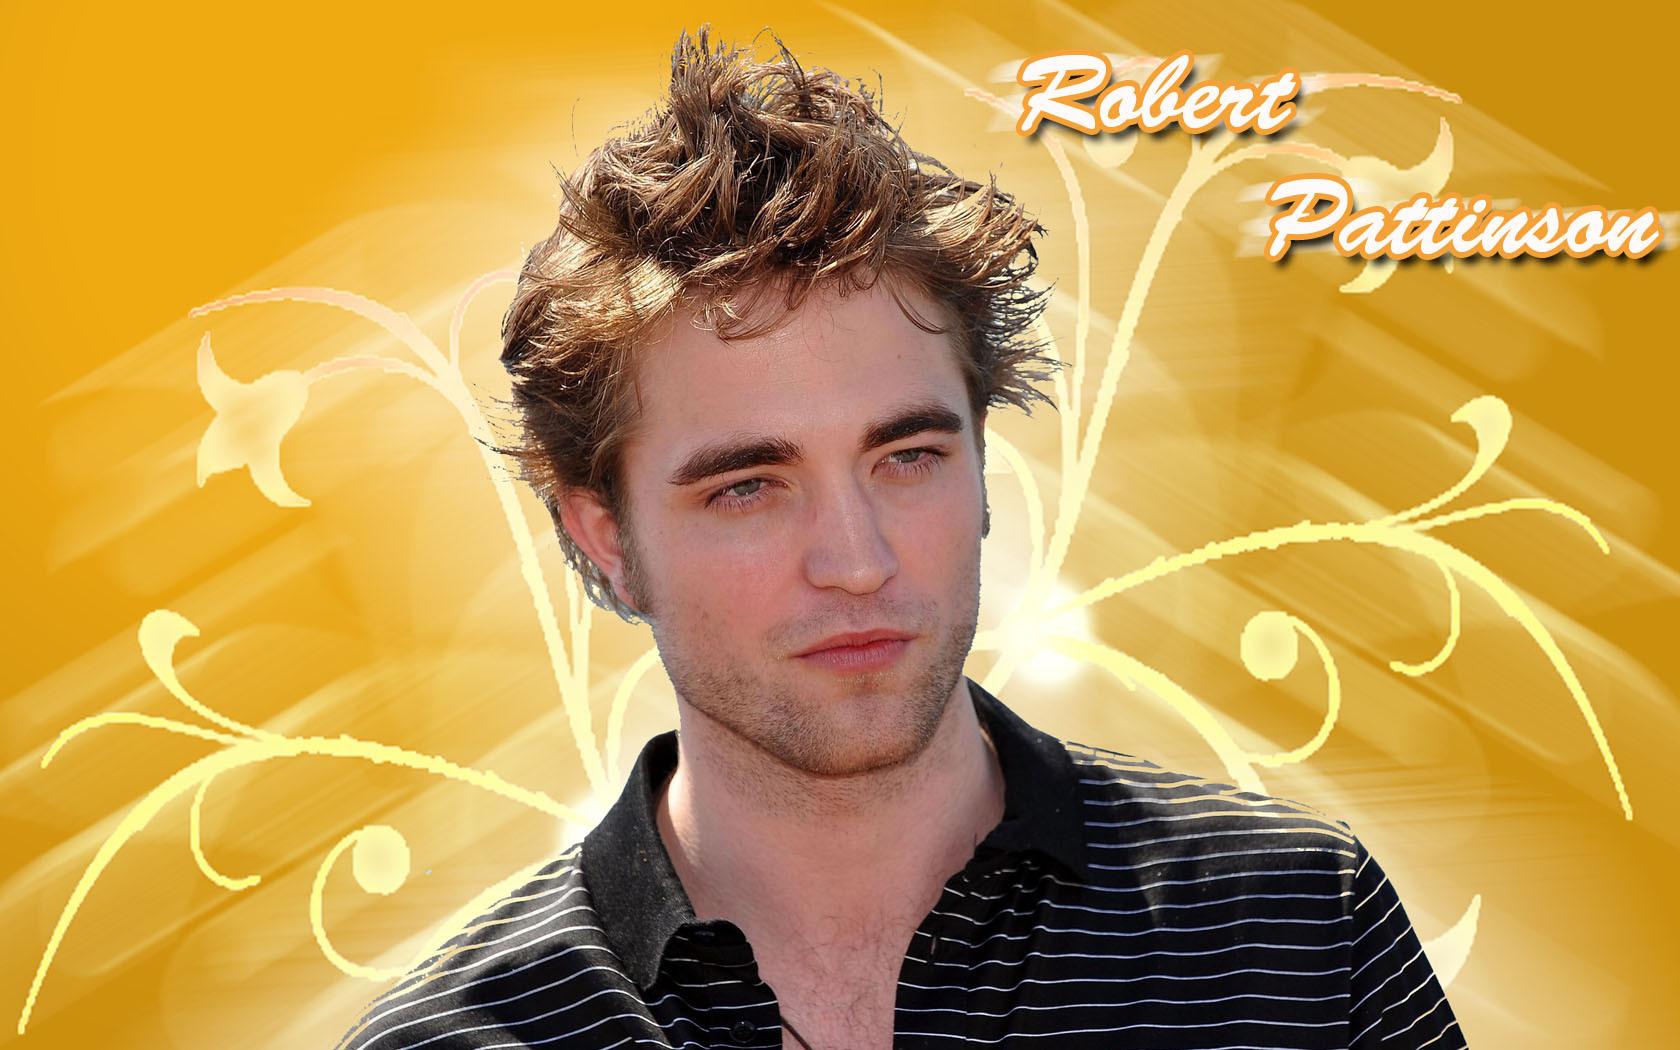 http://images2.fanpop.com/images/photos/6900000/robert-wallpaper-HQ-robert-pattinson-6930410-1680-1050.jpg